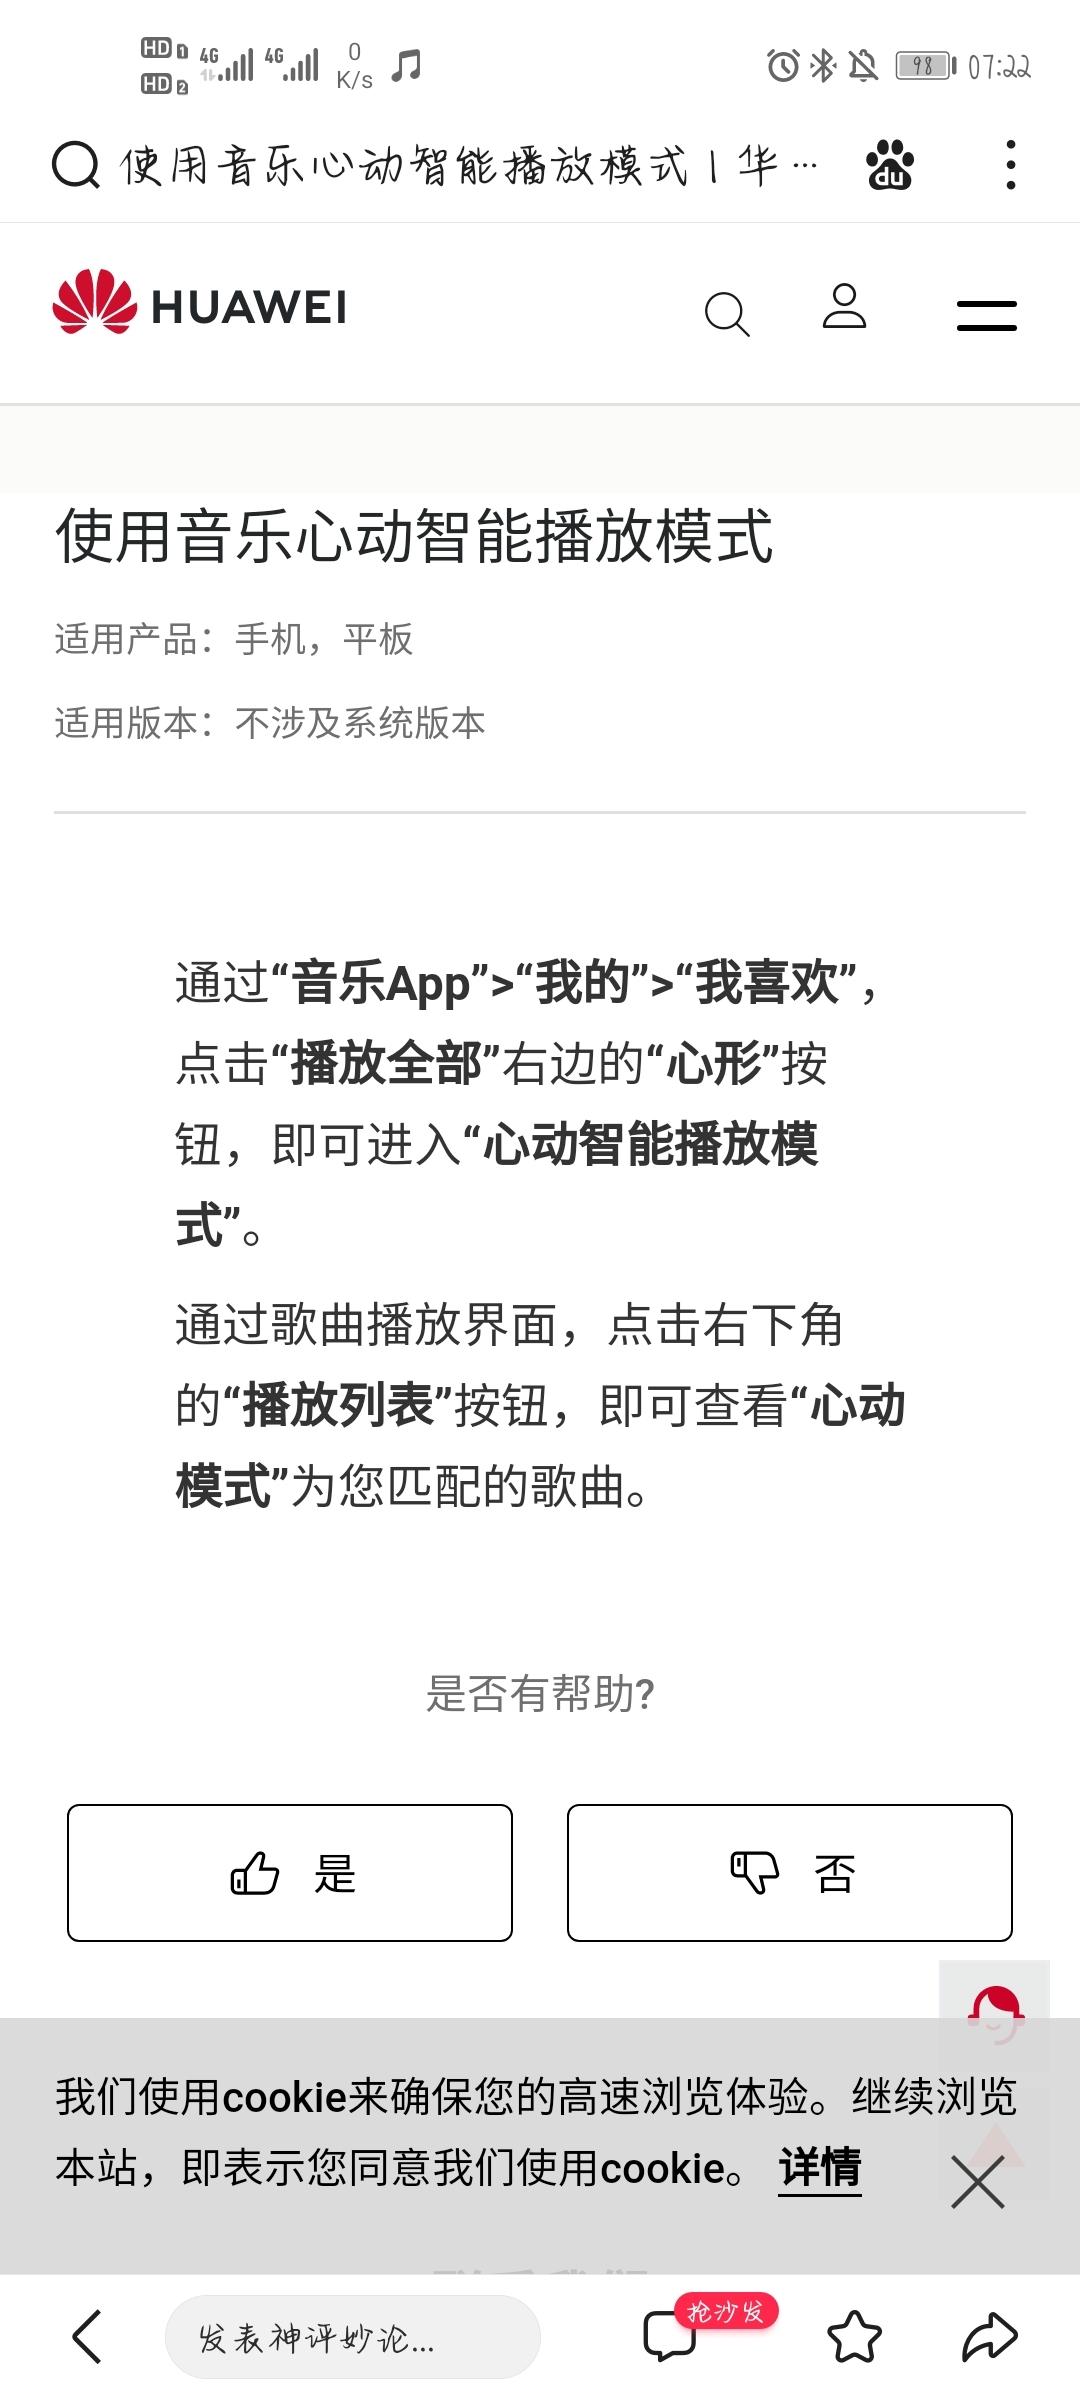 Screenshot_20210412_072233_com.baidu.searchbox.jpg